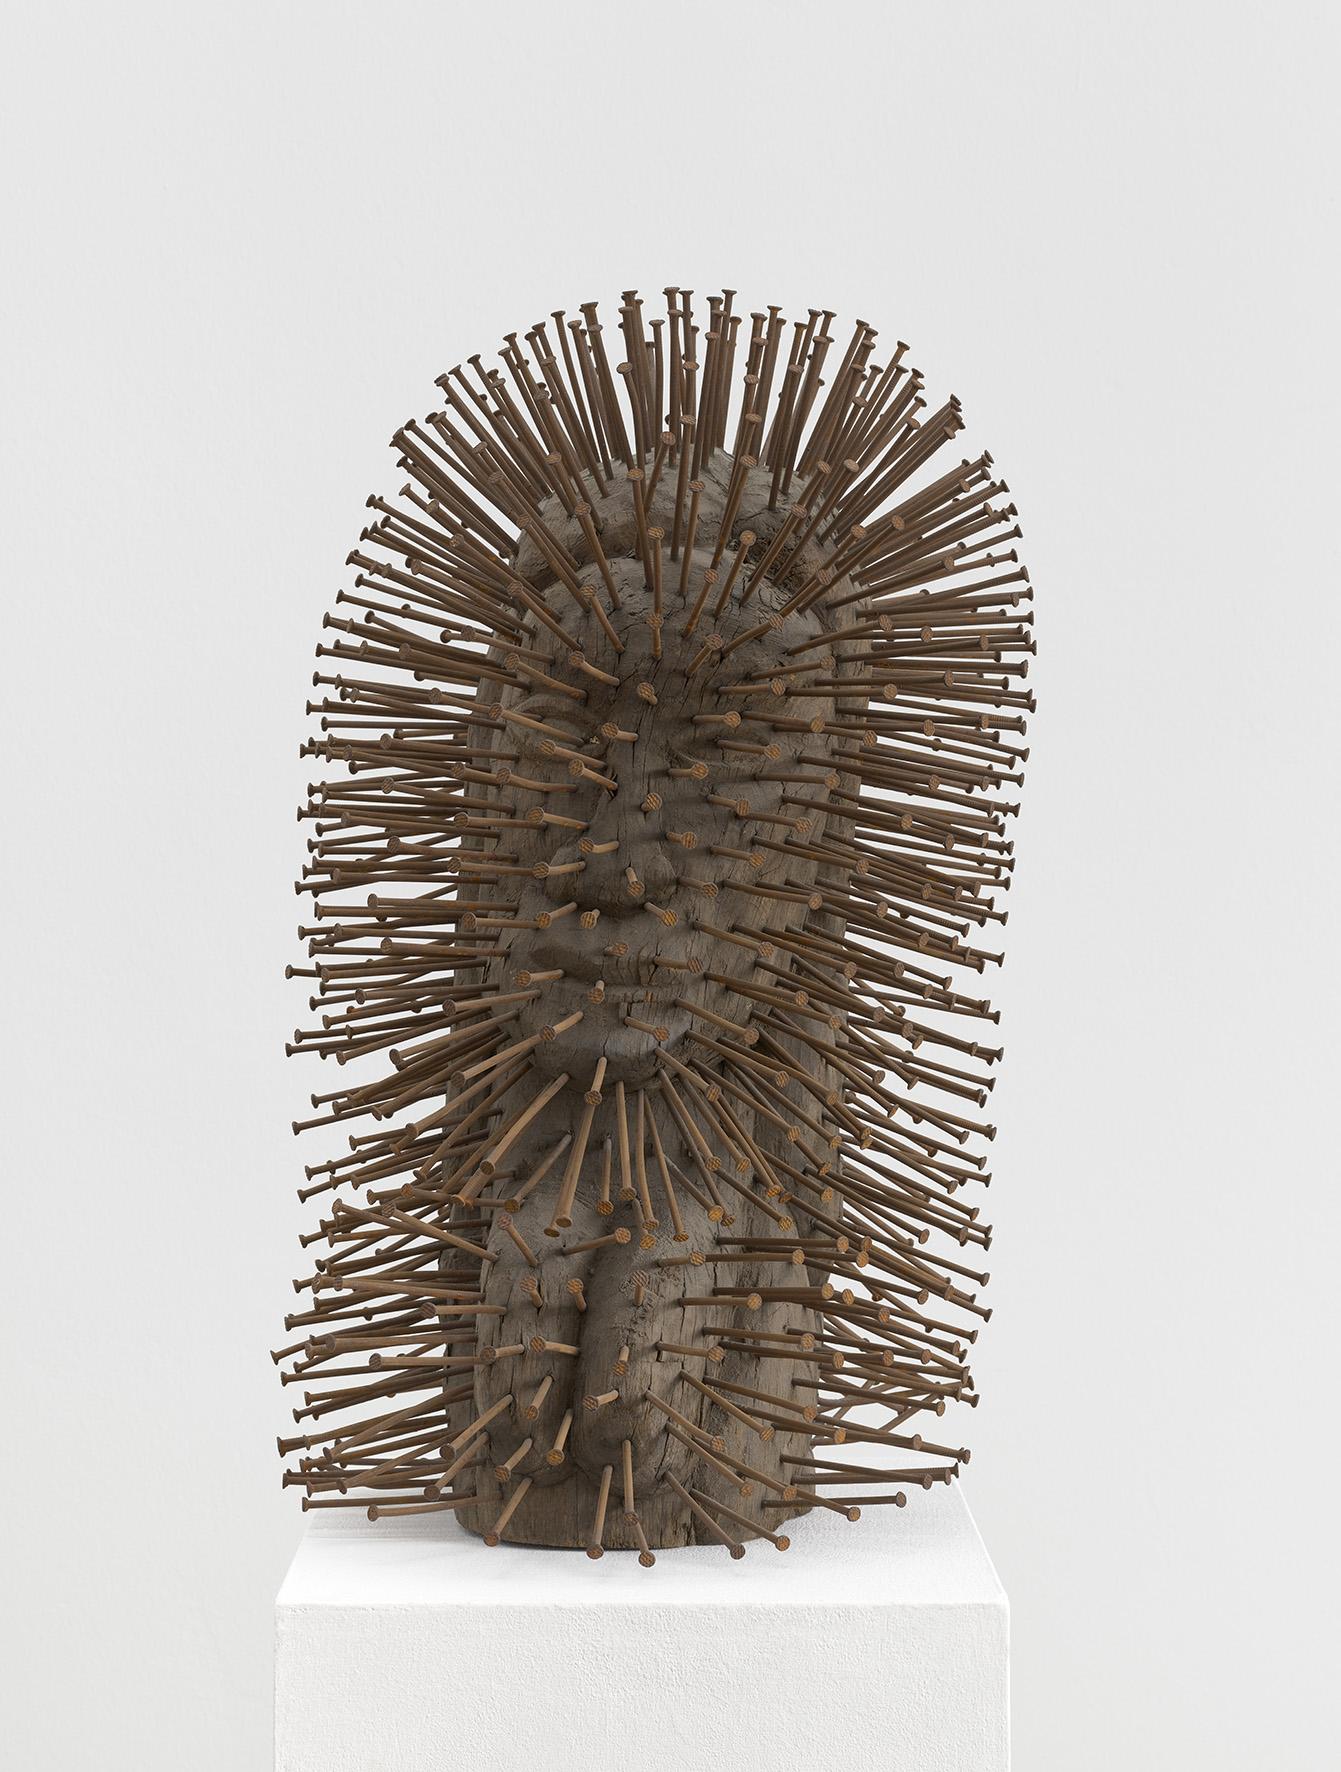 Günther Uecker, Kopf, 1955/56, signiert Uecker, Nägel auf Holz, 60 x 34 x 38 cm, € 300.000 – 400.000